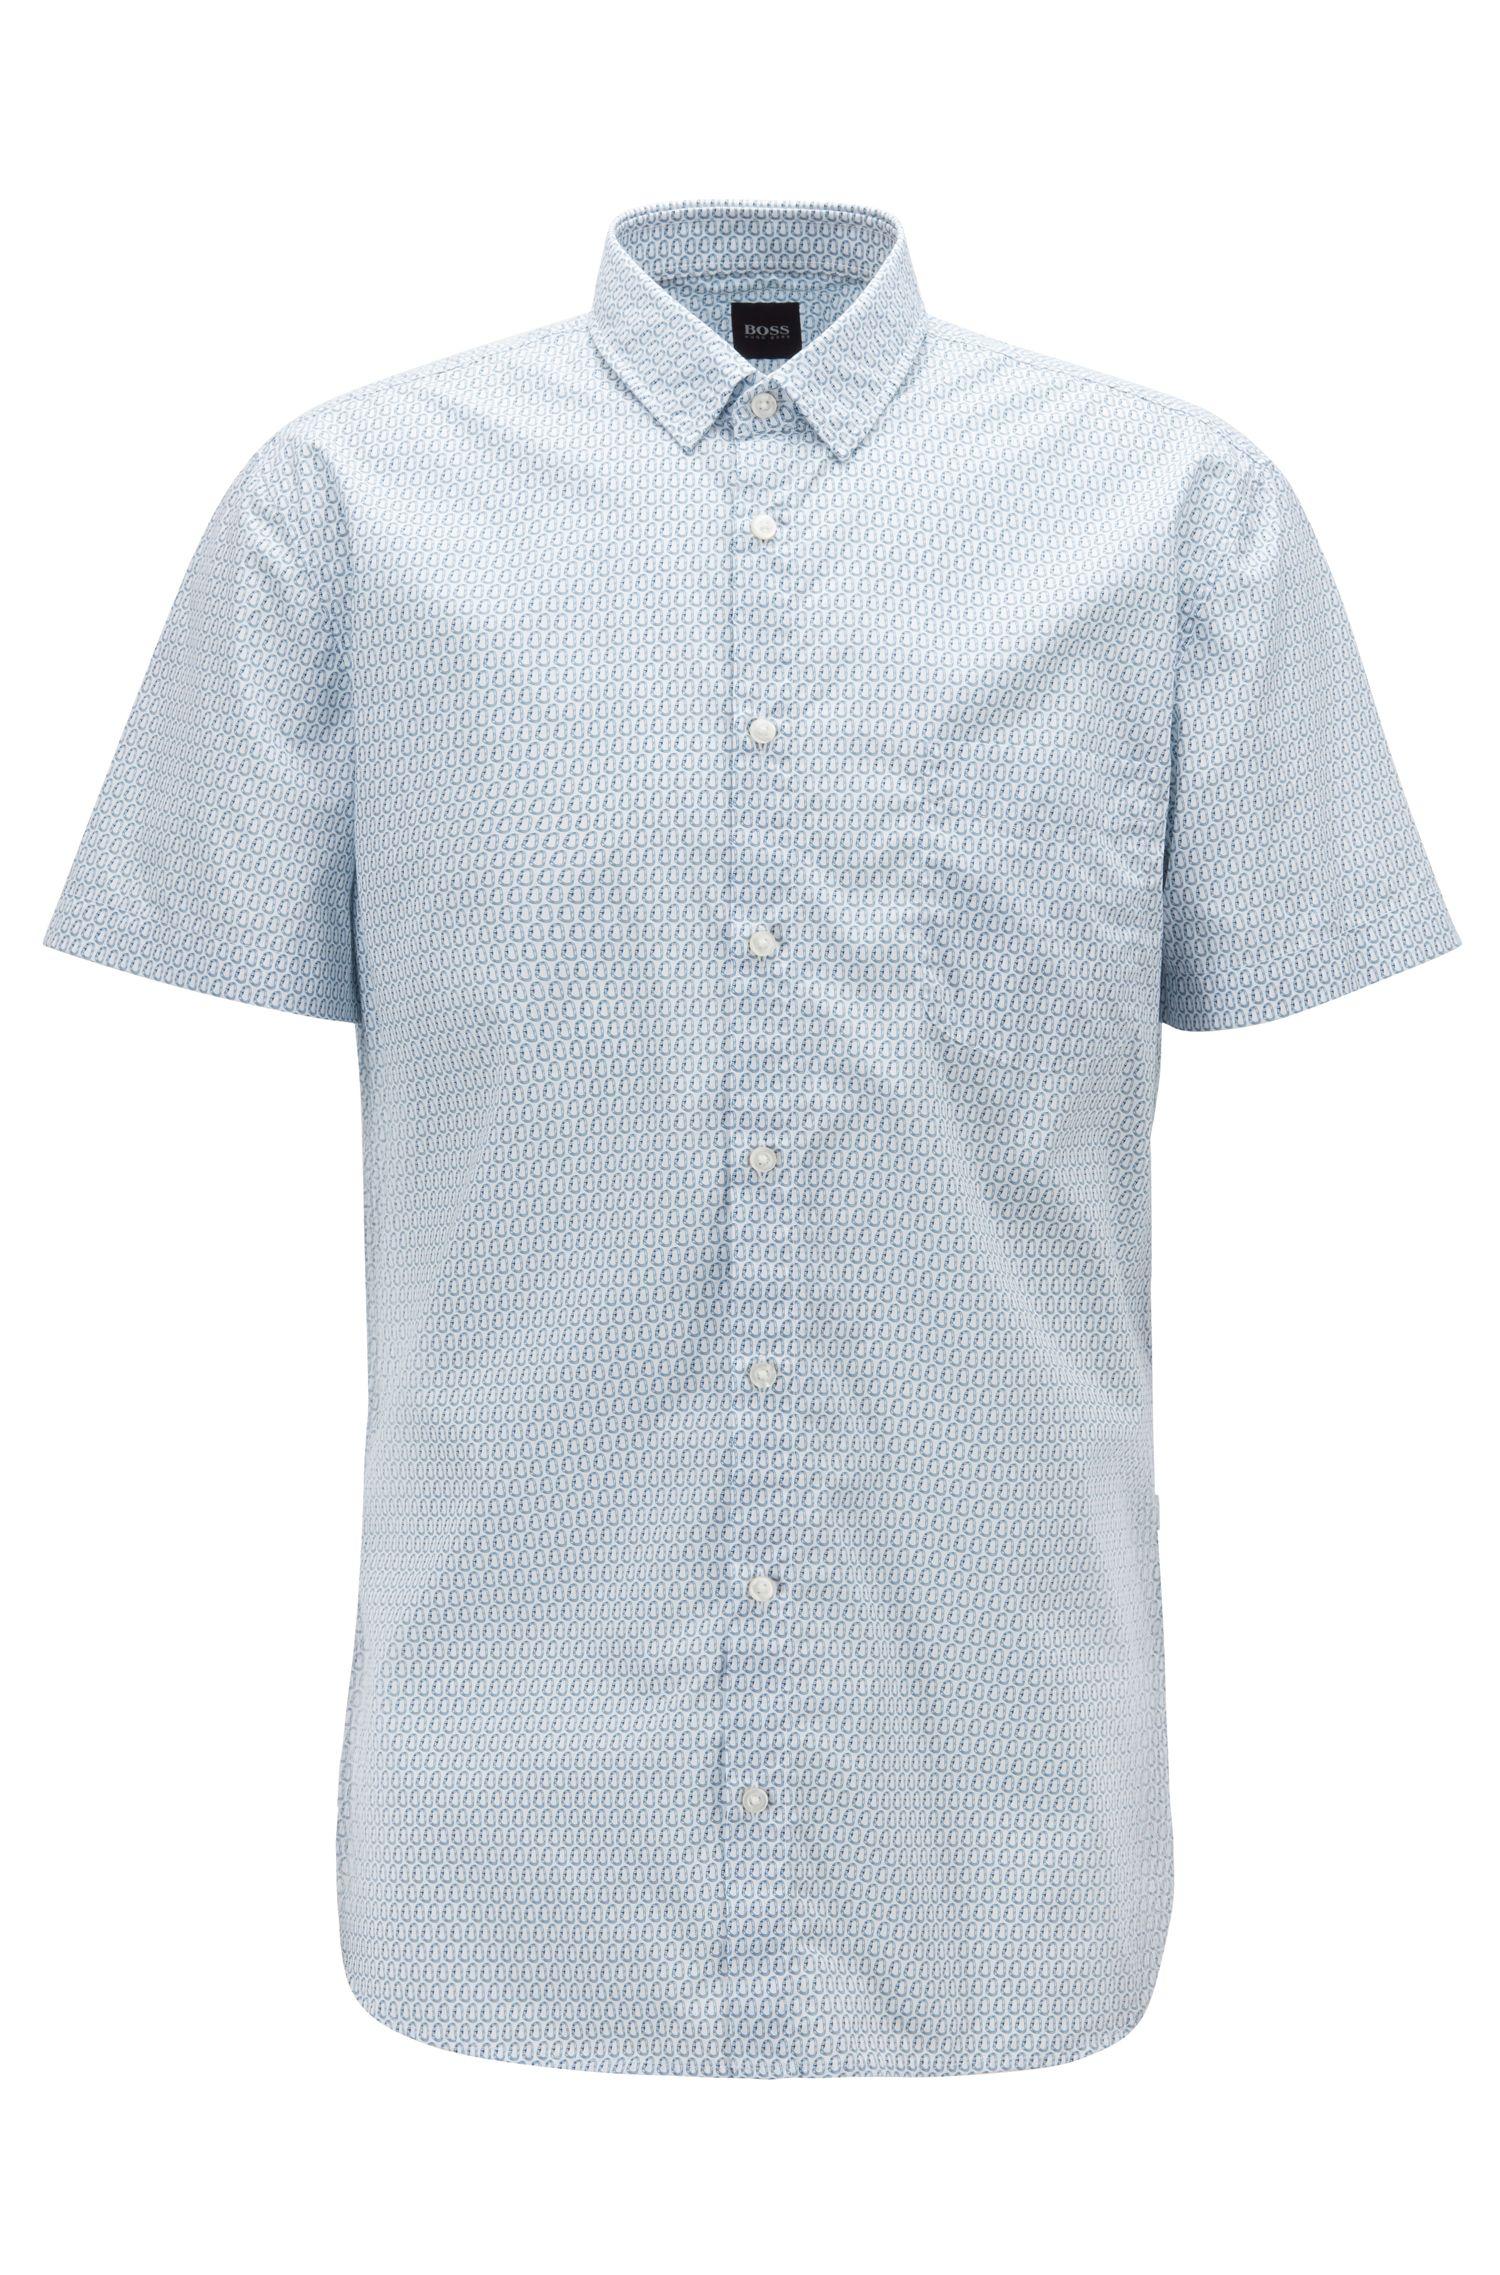 Slim-Fit Hemd aus Baumwolle mit feinem Skorpion-Print, Gemustert